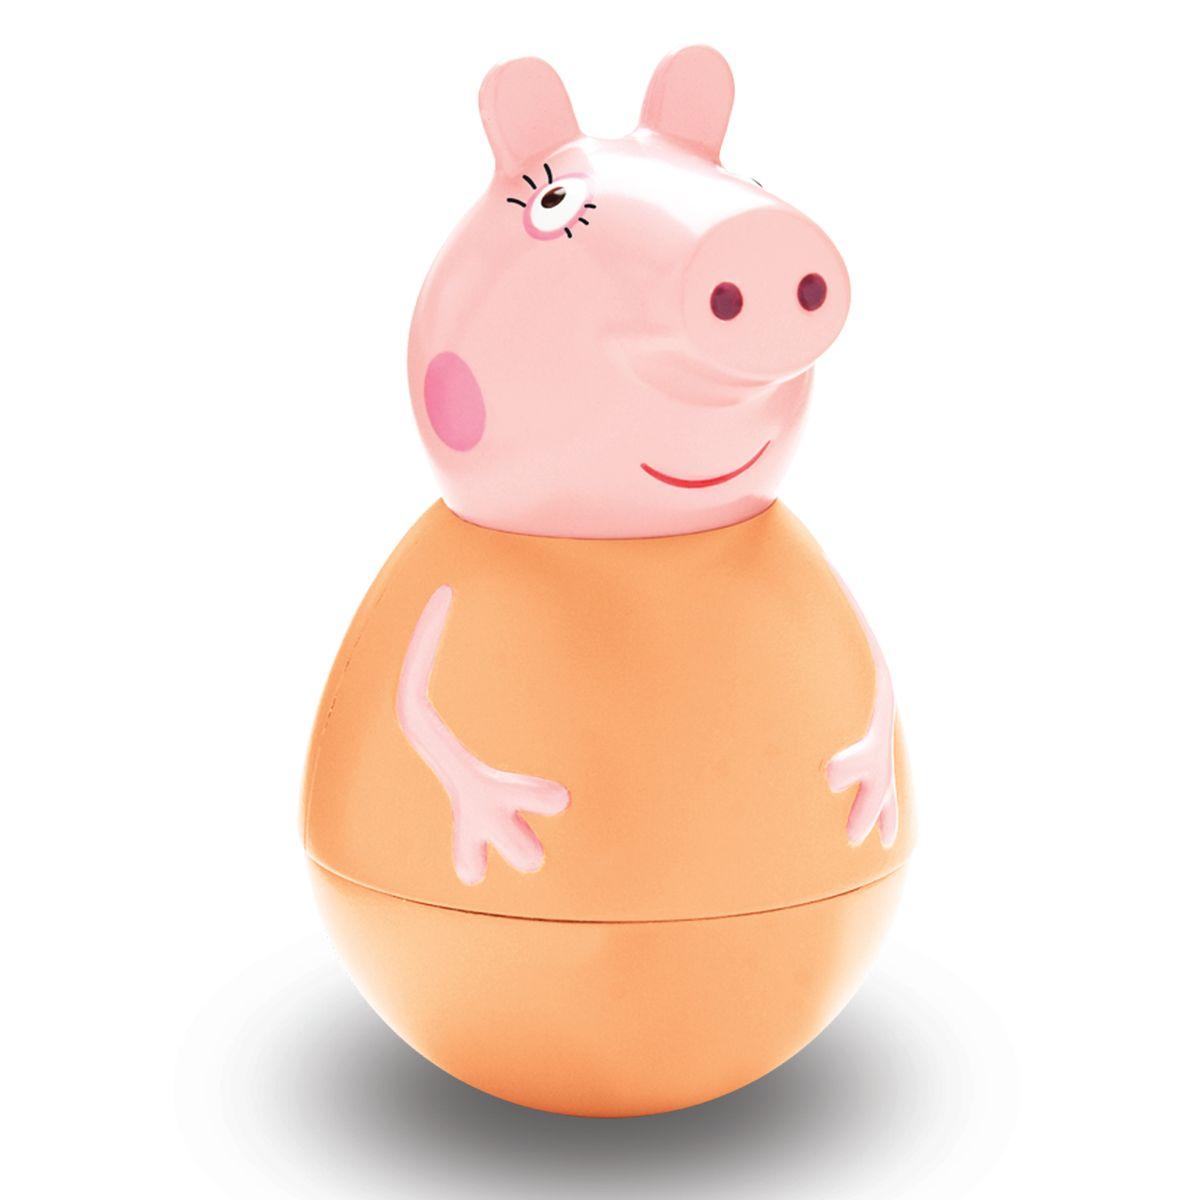 Peppa Pig Неваляшка Мама Пеппы28797Неваляшка Peppa Pig Мама Пеппы, созданная по мотивам мультсериала Peppa Pig привлечет внимание вашего малыша и станет для него любимой игрушкой. Качайте ее в разные стороны, а она никогда не упадет. Веселая игра с ней развивает у детей координацию движений, тренирует цветовосприятие и мышление. Соберите коллекцию неваляшек в виде любимых героев мультфильма «Свинка Пеппа» и устраивайте веселые игры с малютками!